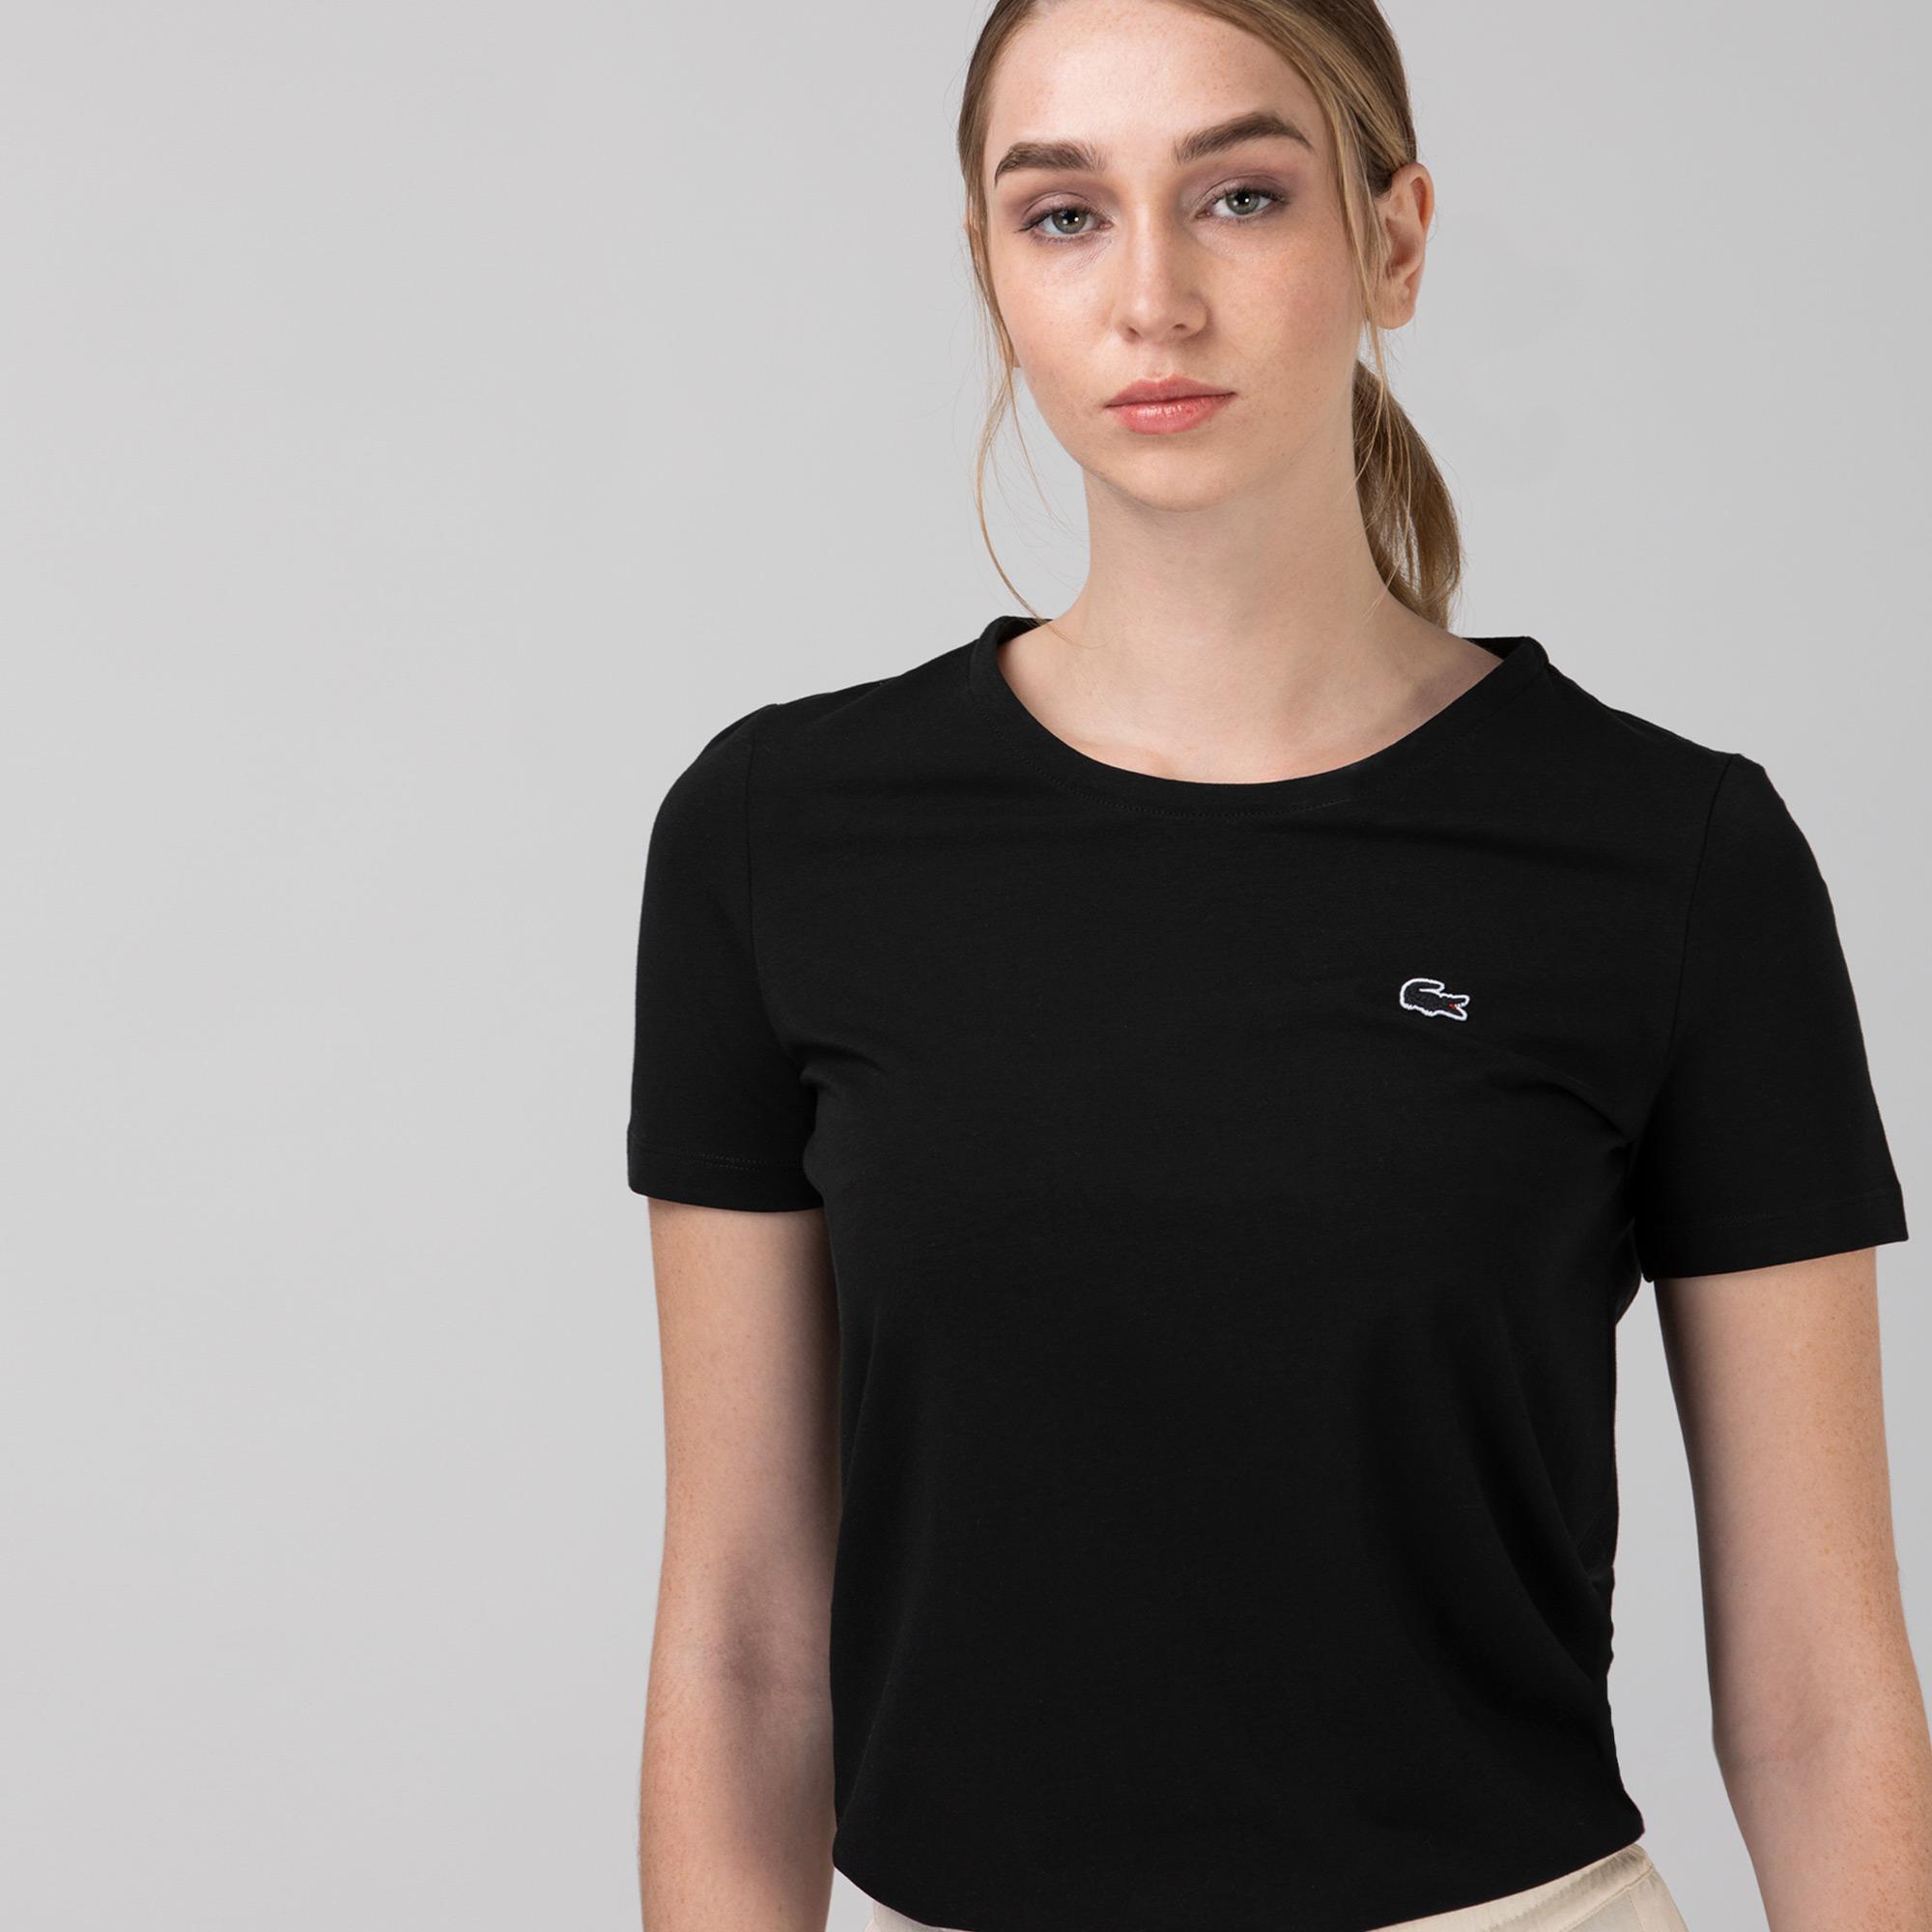 Lacoste Kadın Slim Fit Bisiklet Yaka Siyah T-Shirt